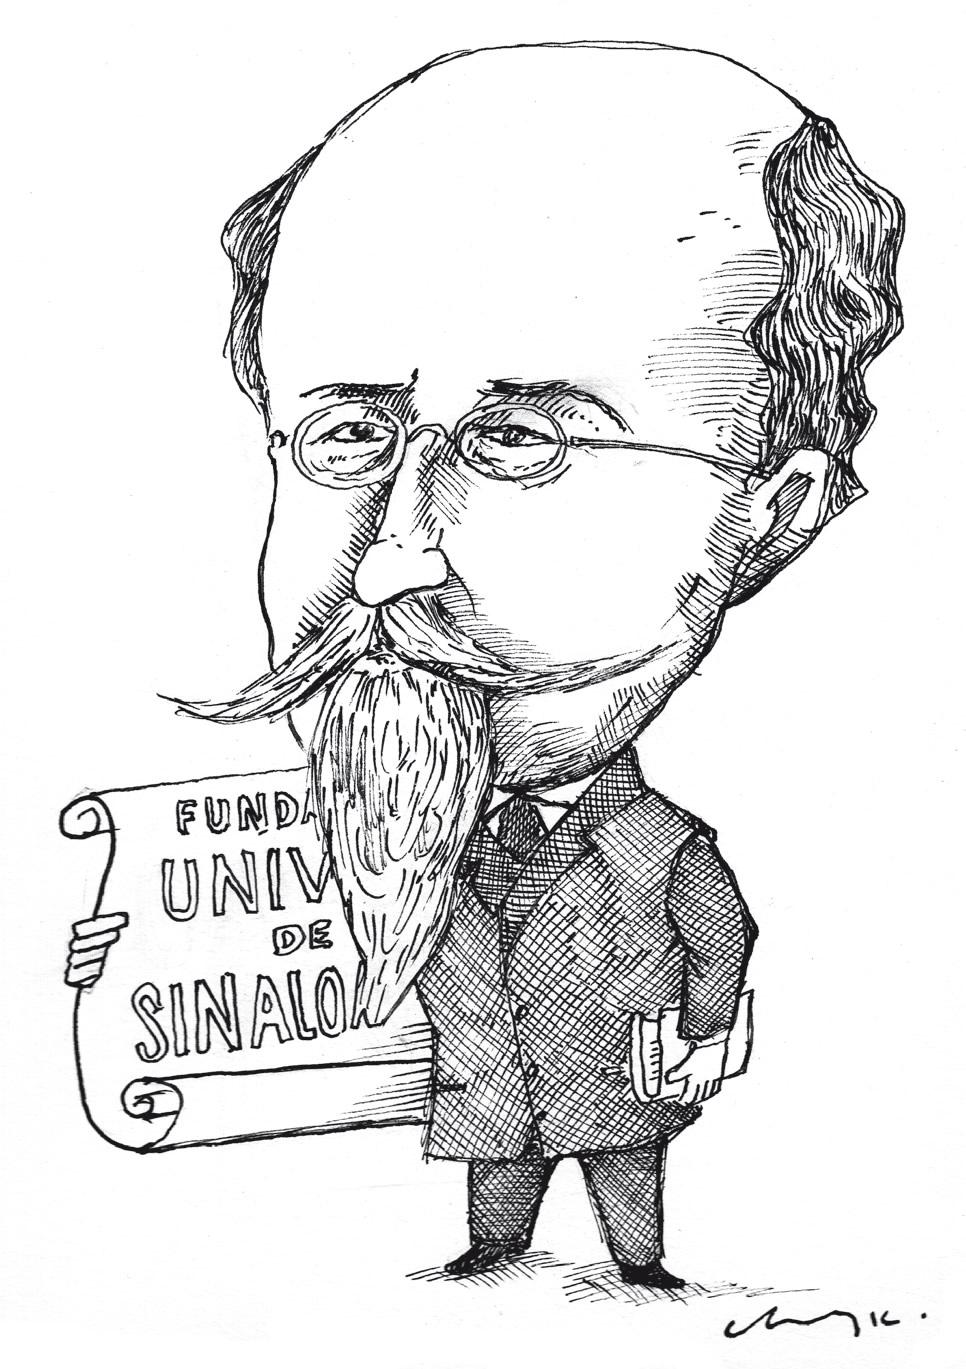 Eustaquio Buelna